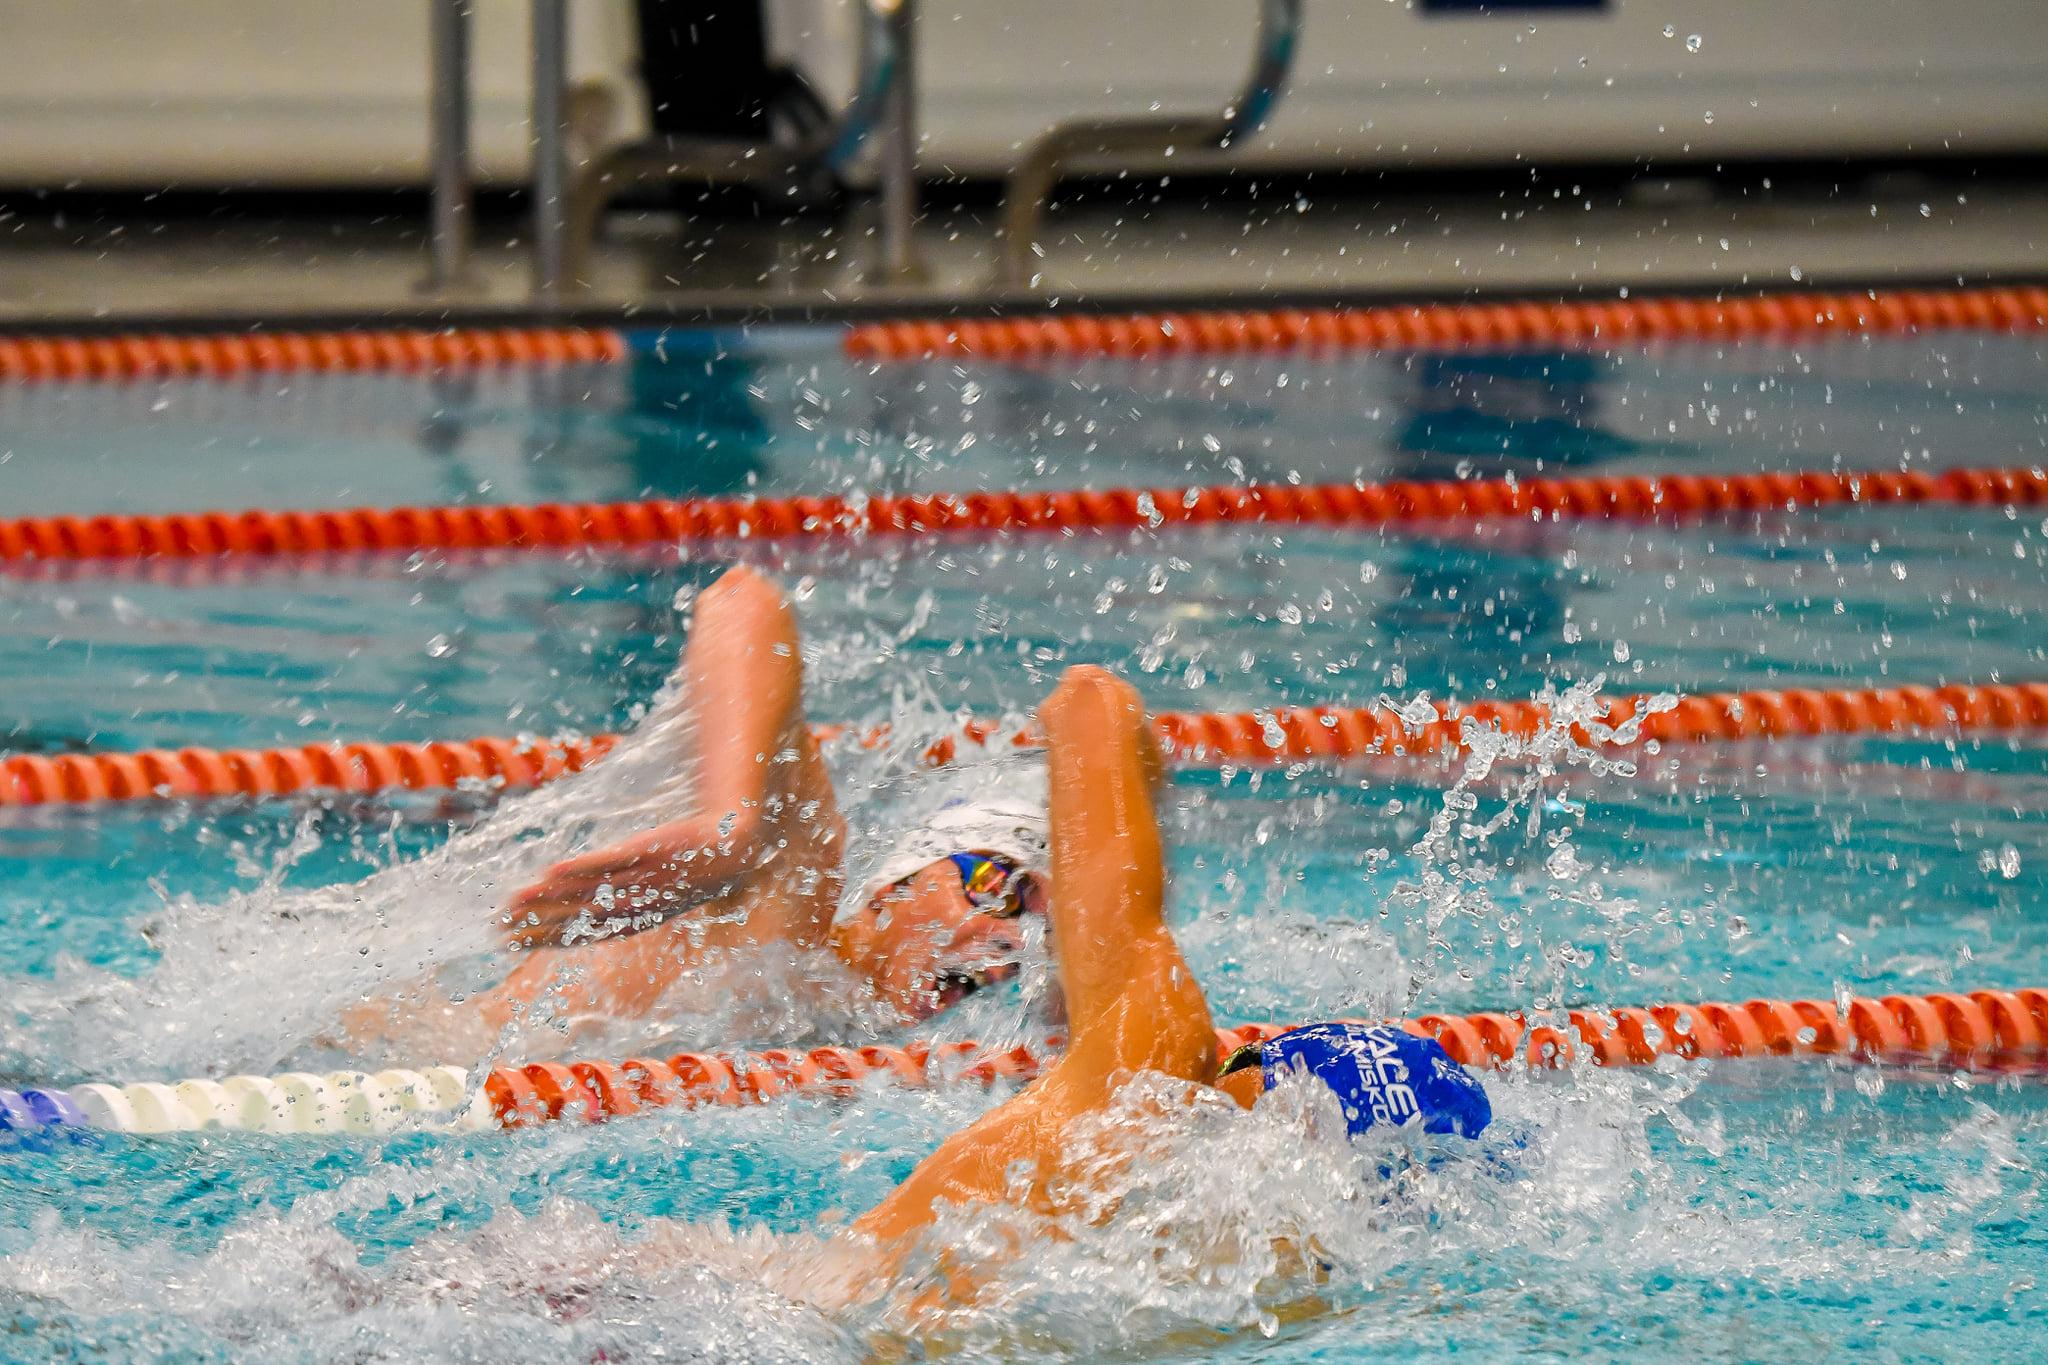 Kalevi Ujumiskooli Aastalõpuvõistlusel selgitati kõige kiiremad sprinterid